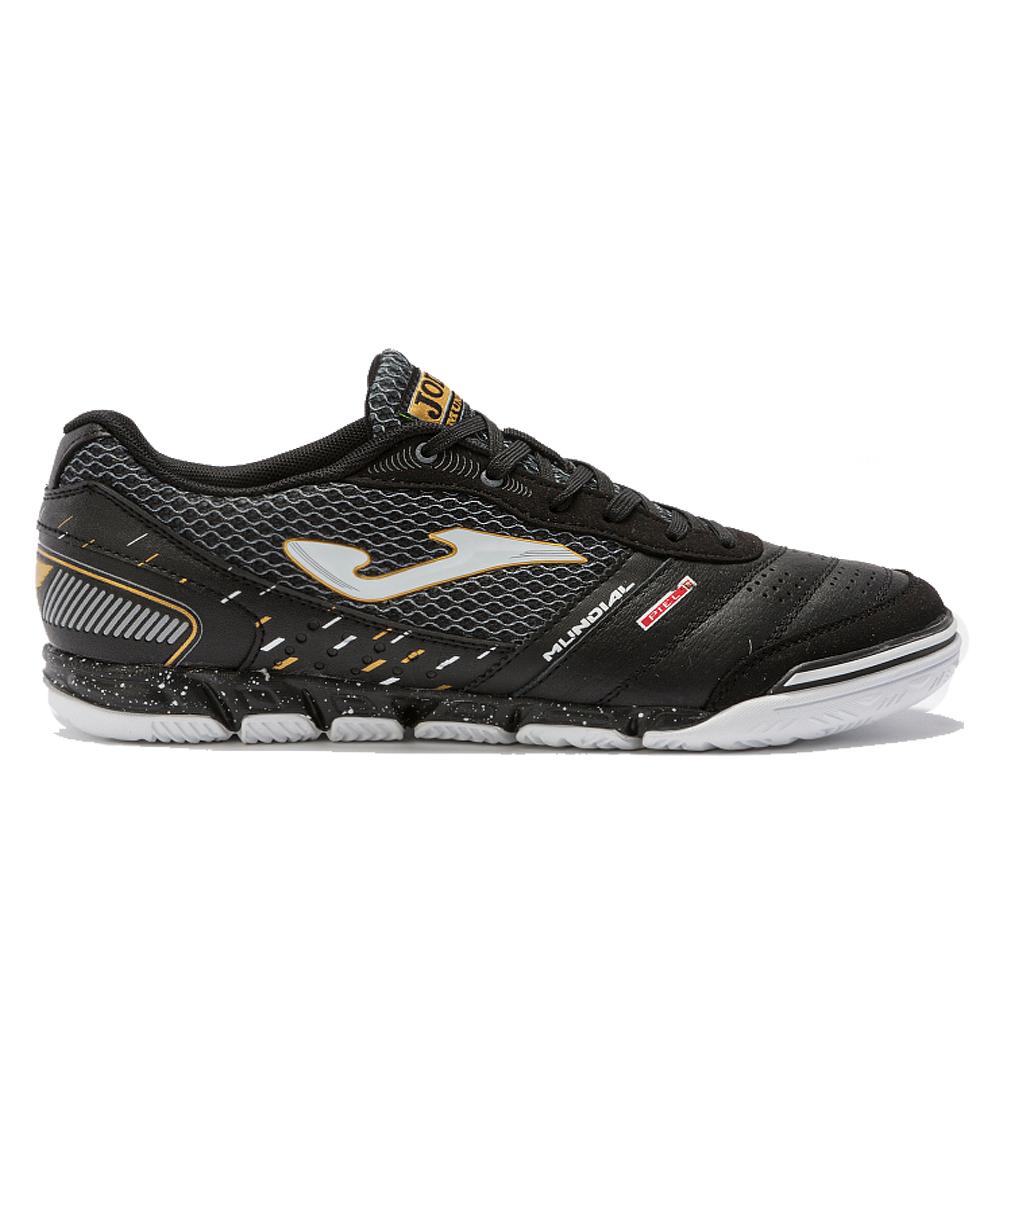 Купить Joma Mundial MUNW2101IN чёрные в интернет-магазине